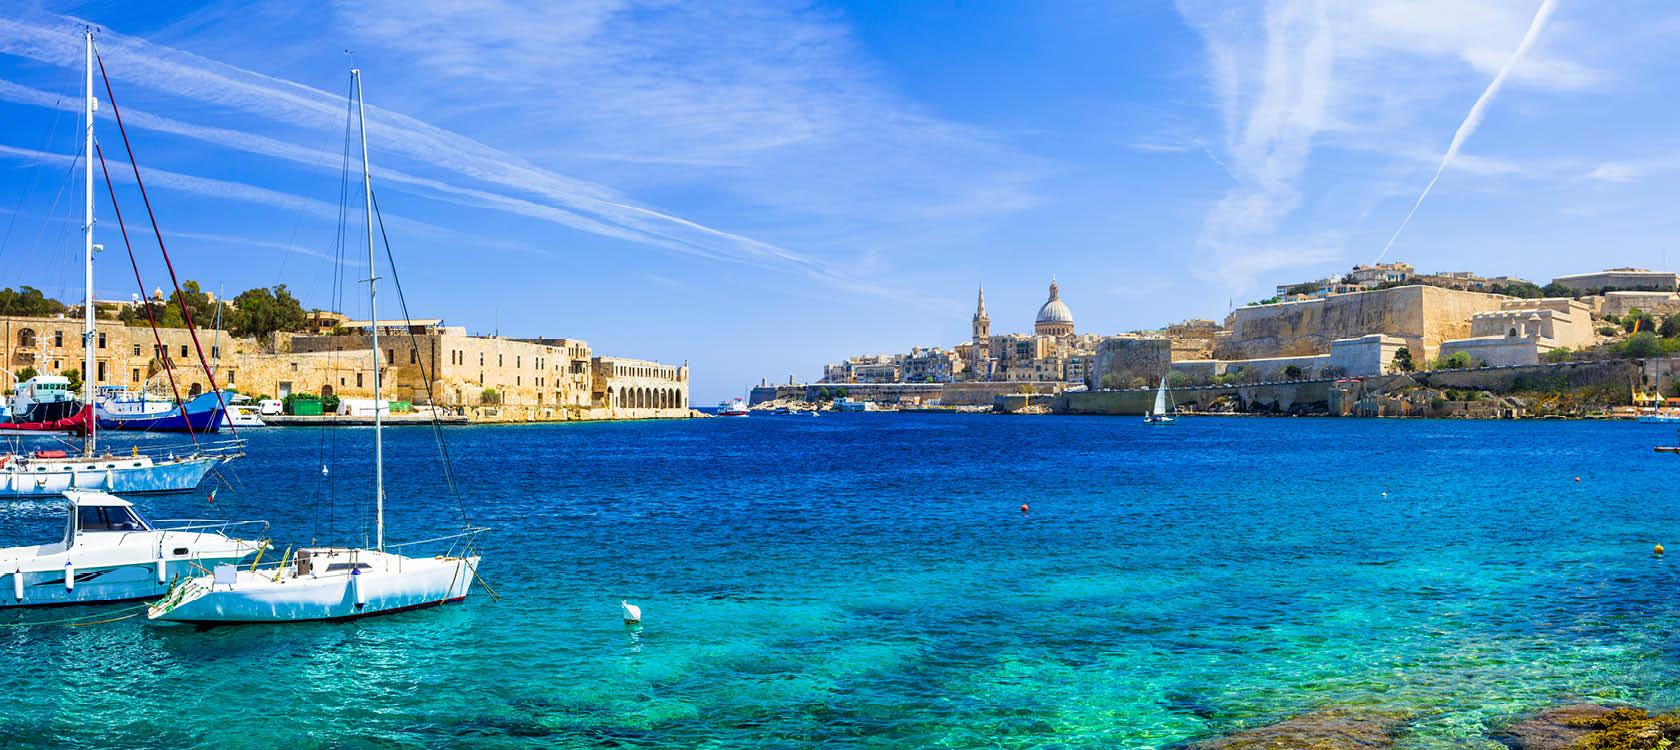 blått hav och mysiga städer på ön malta